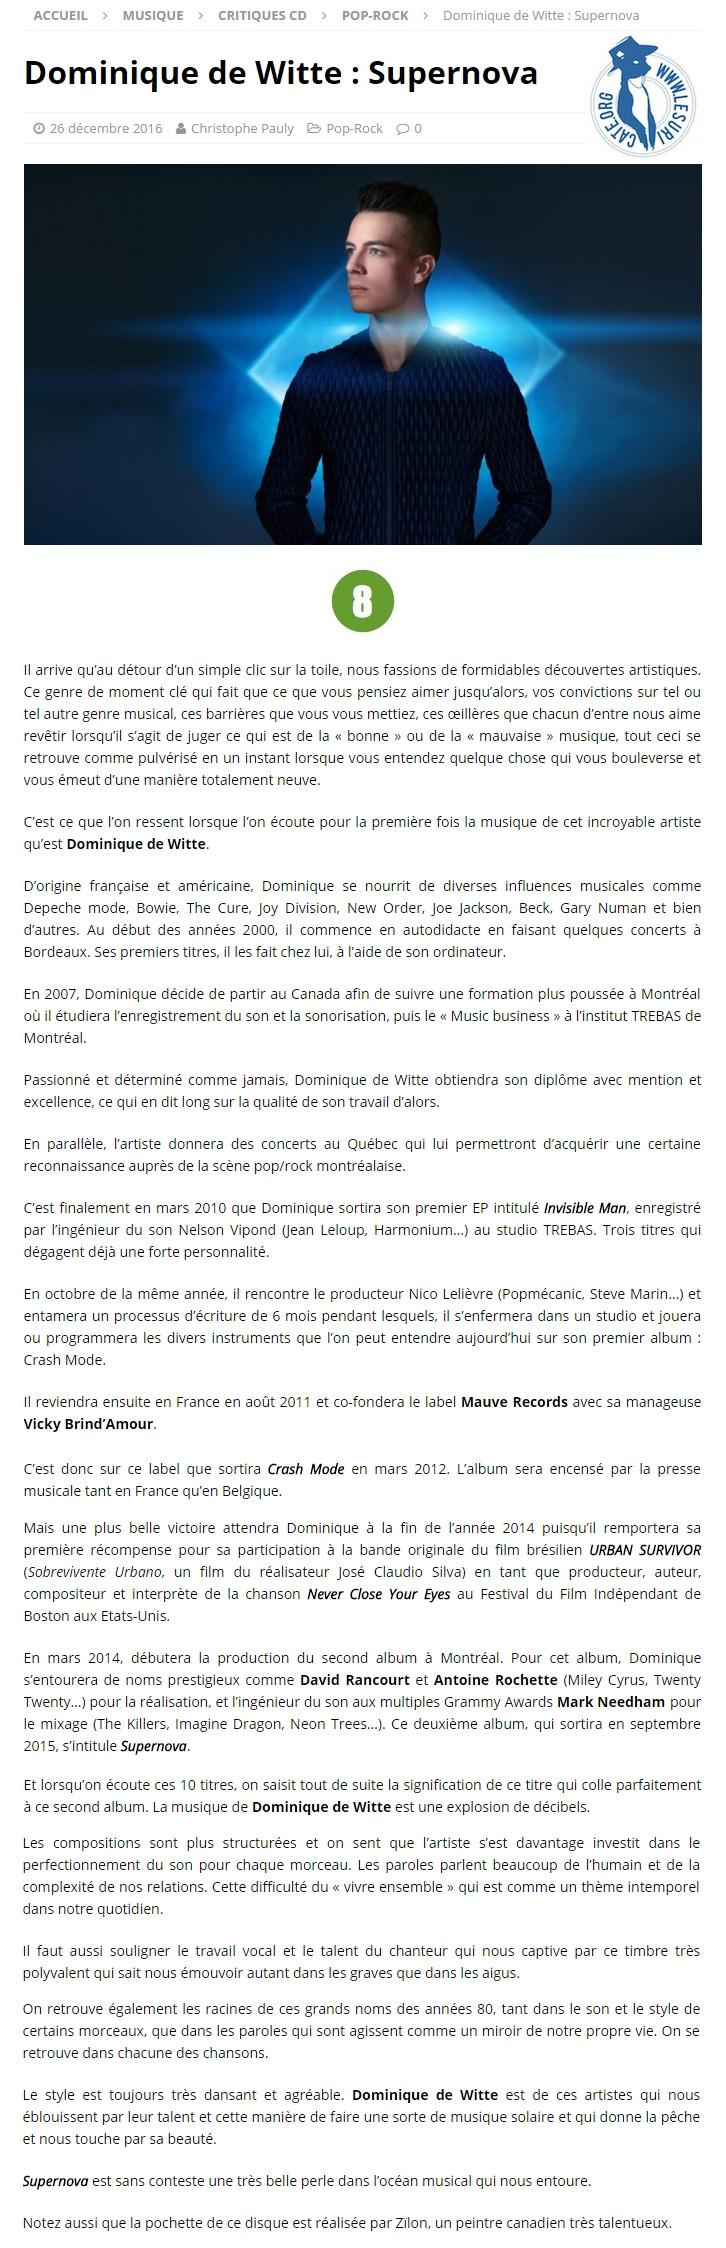 Dominique de Witte - LE SURICATE MAGAZINE - PRESSE - SUPERNOVA - 26.12.2016 - Belgique